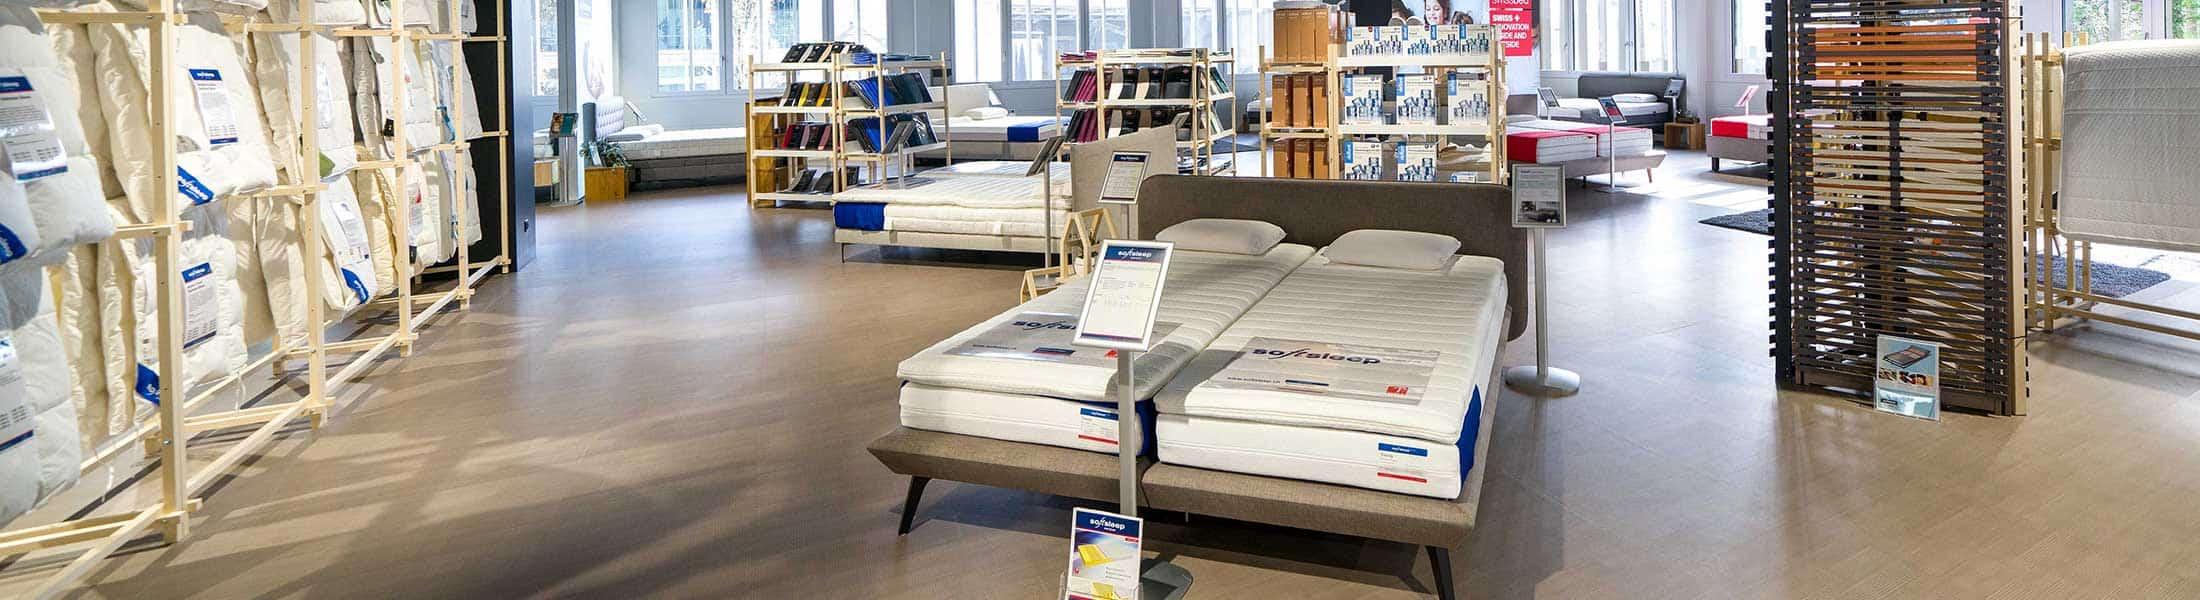 Bawitex Schlafcenter Adliswil Flagshipstore in Zürich